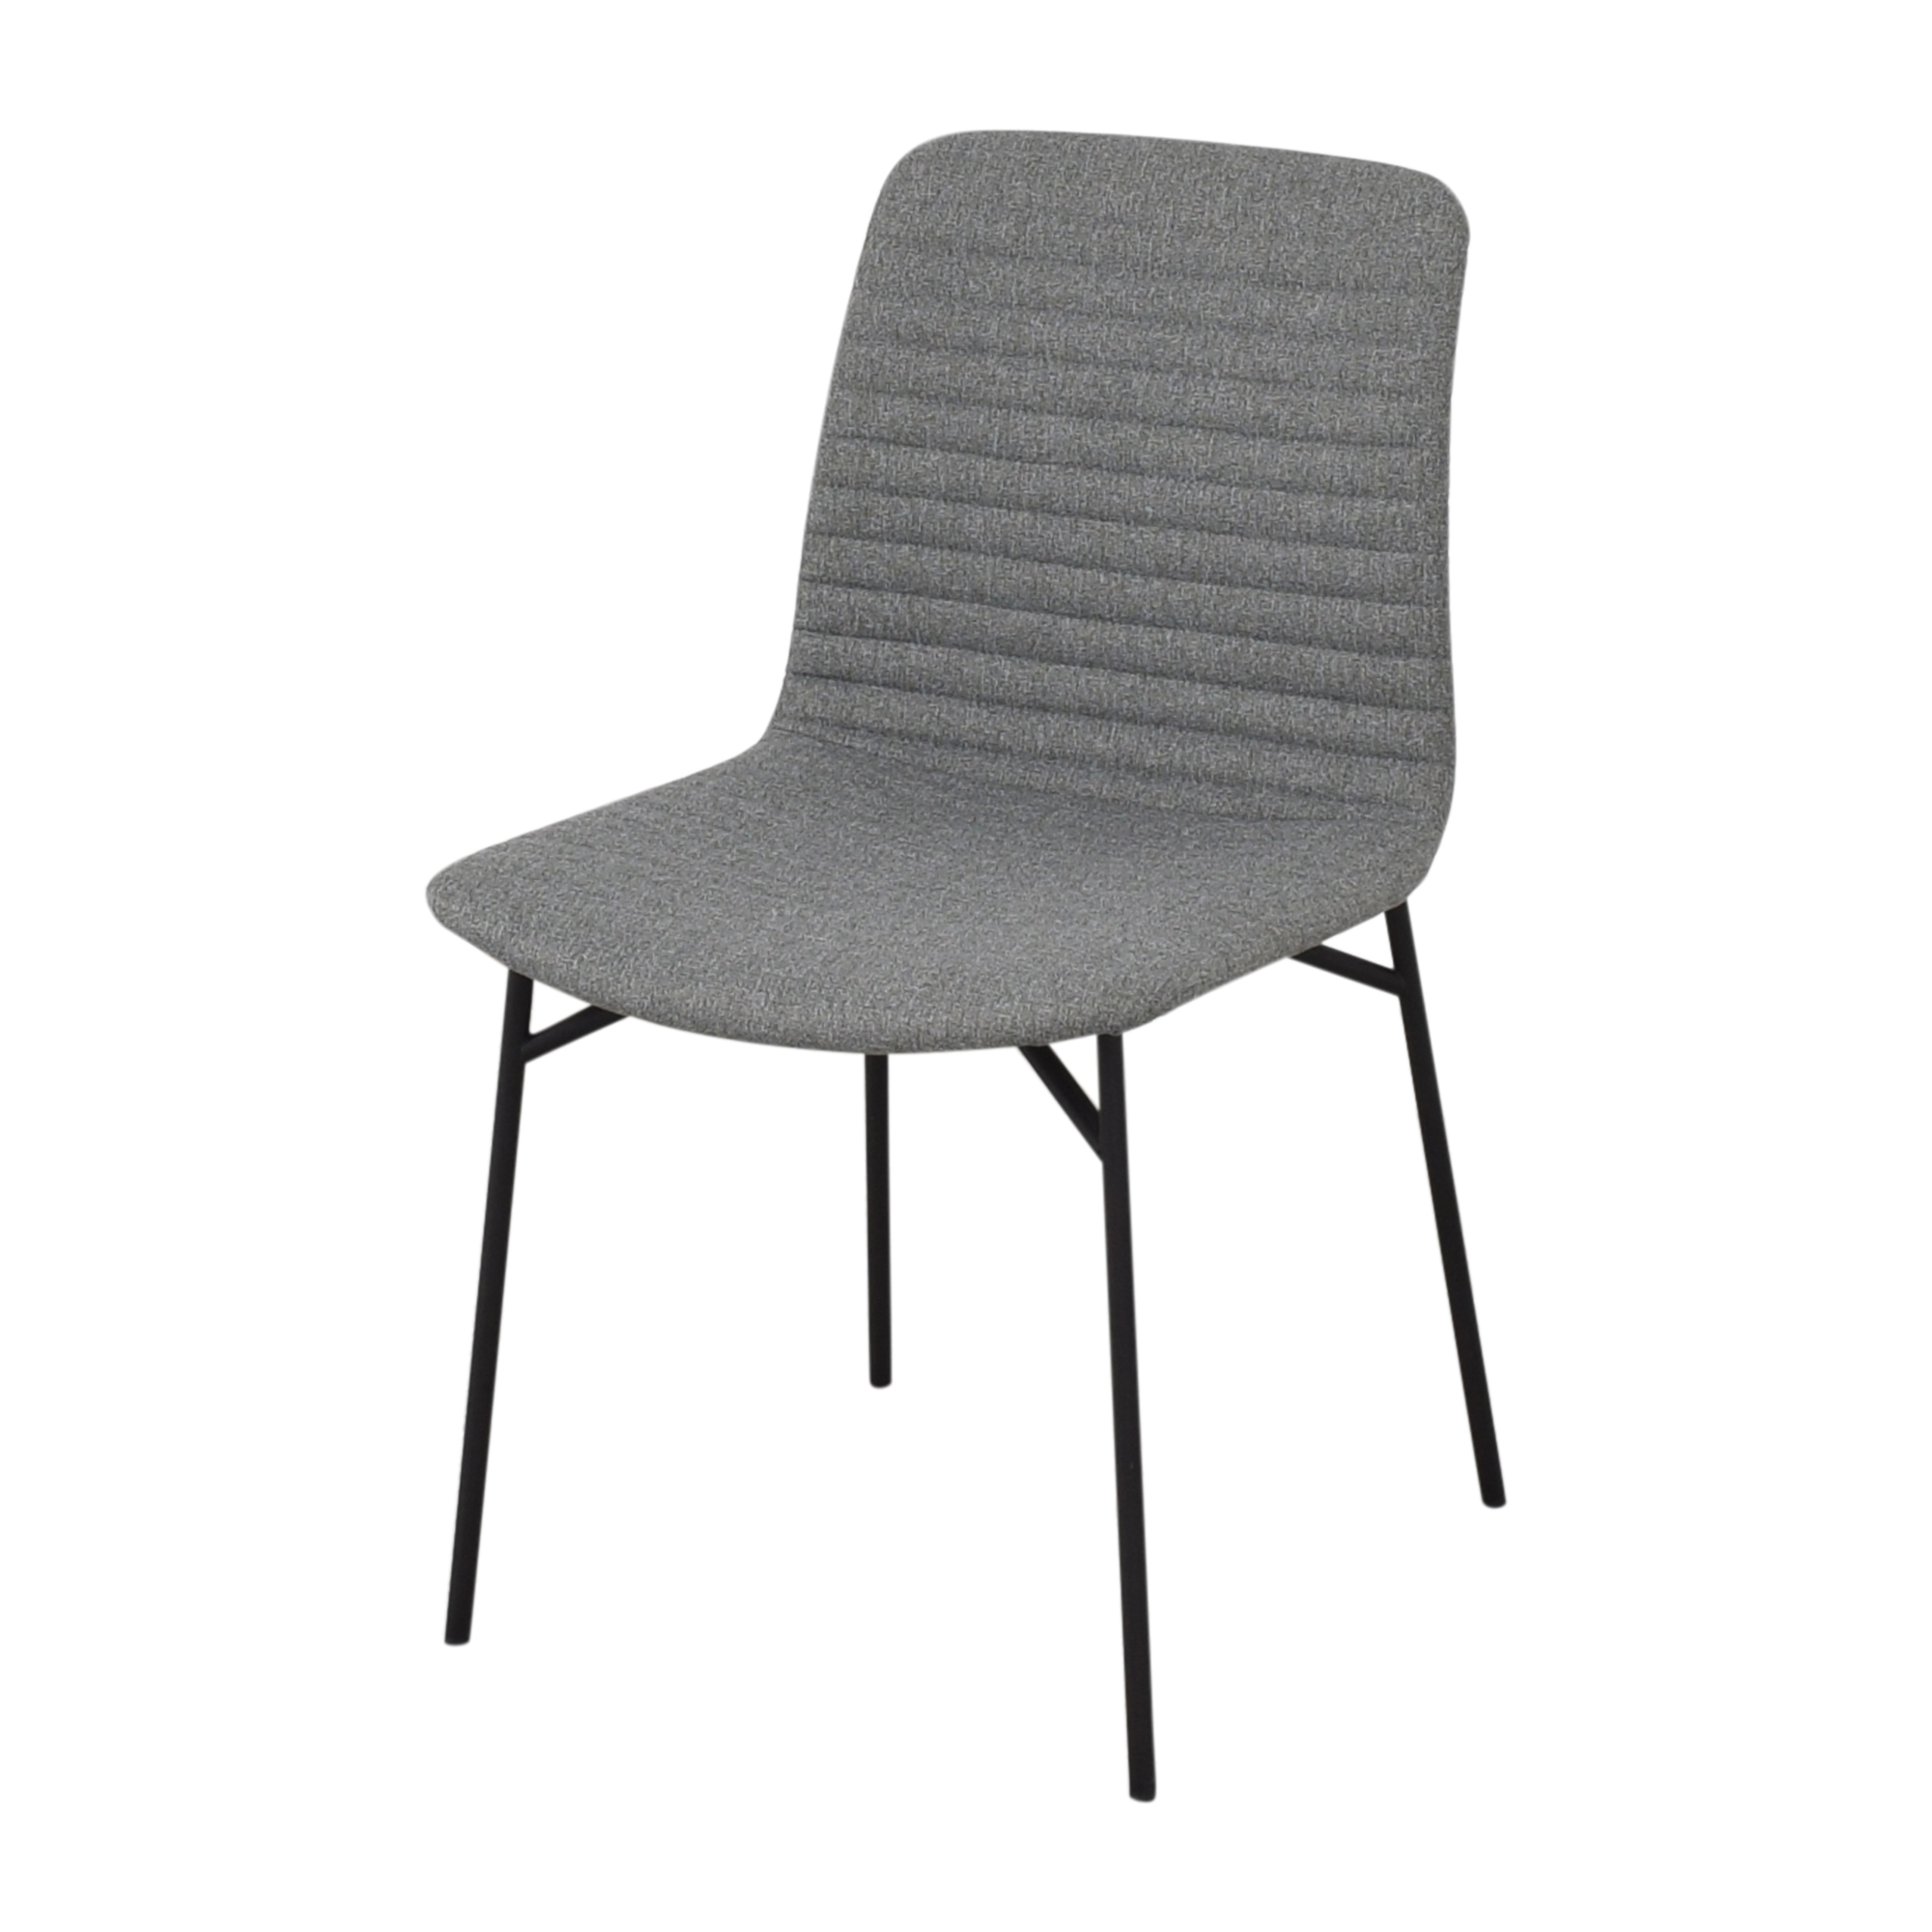 Fornasarig Fornasarig Data Chairs discount